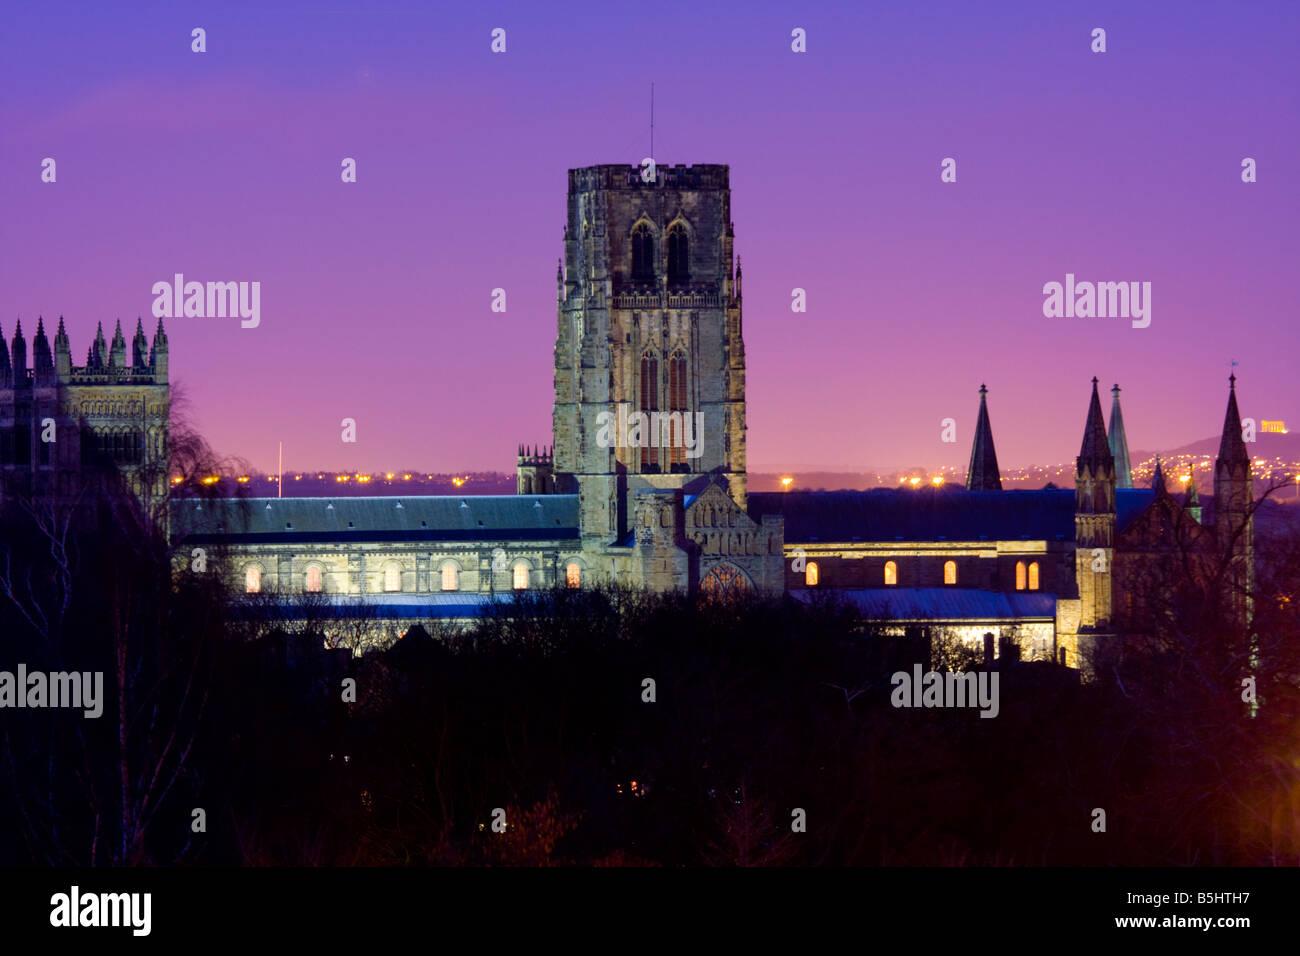 Durham Cathedral at Dusk UK - Stock Image